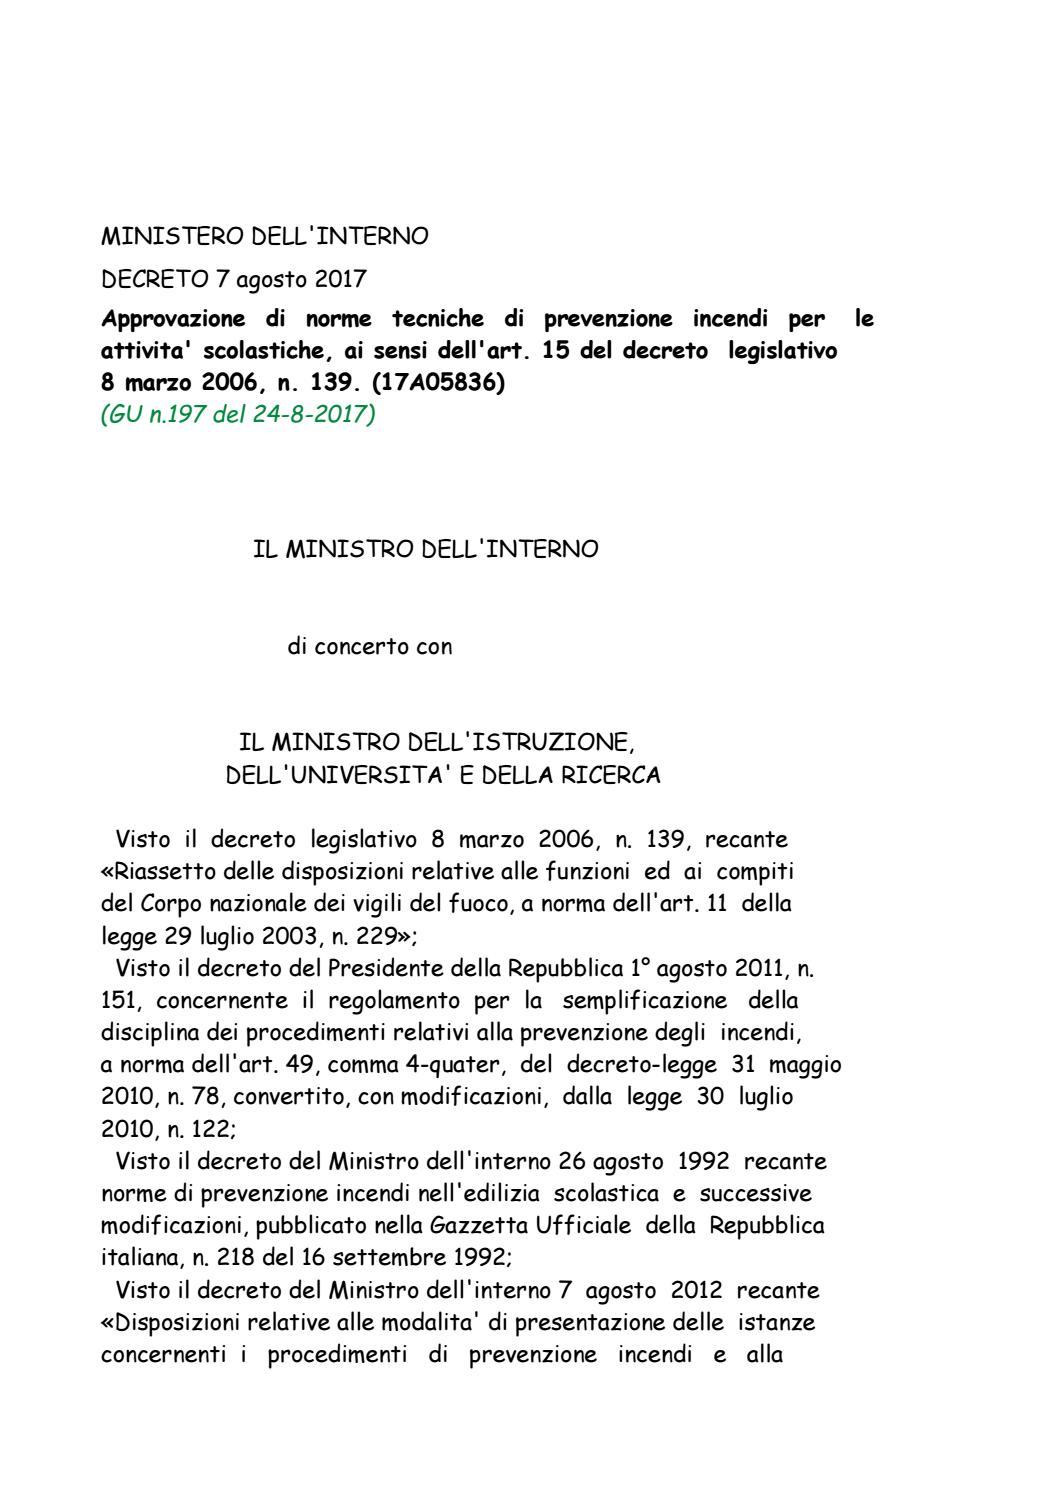 Decreto 7 agosto 2017 by laboratorio polizia democratica for Decreto presidente della repubblica